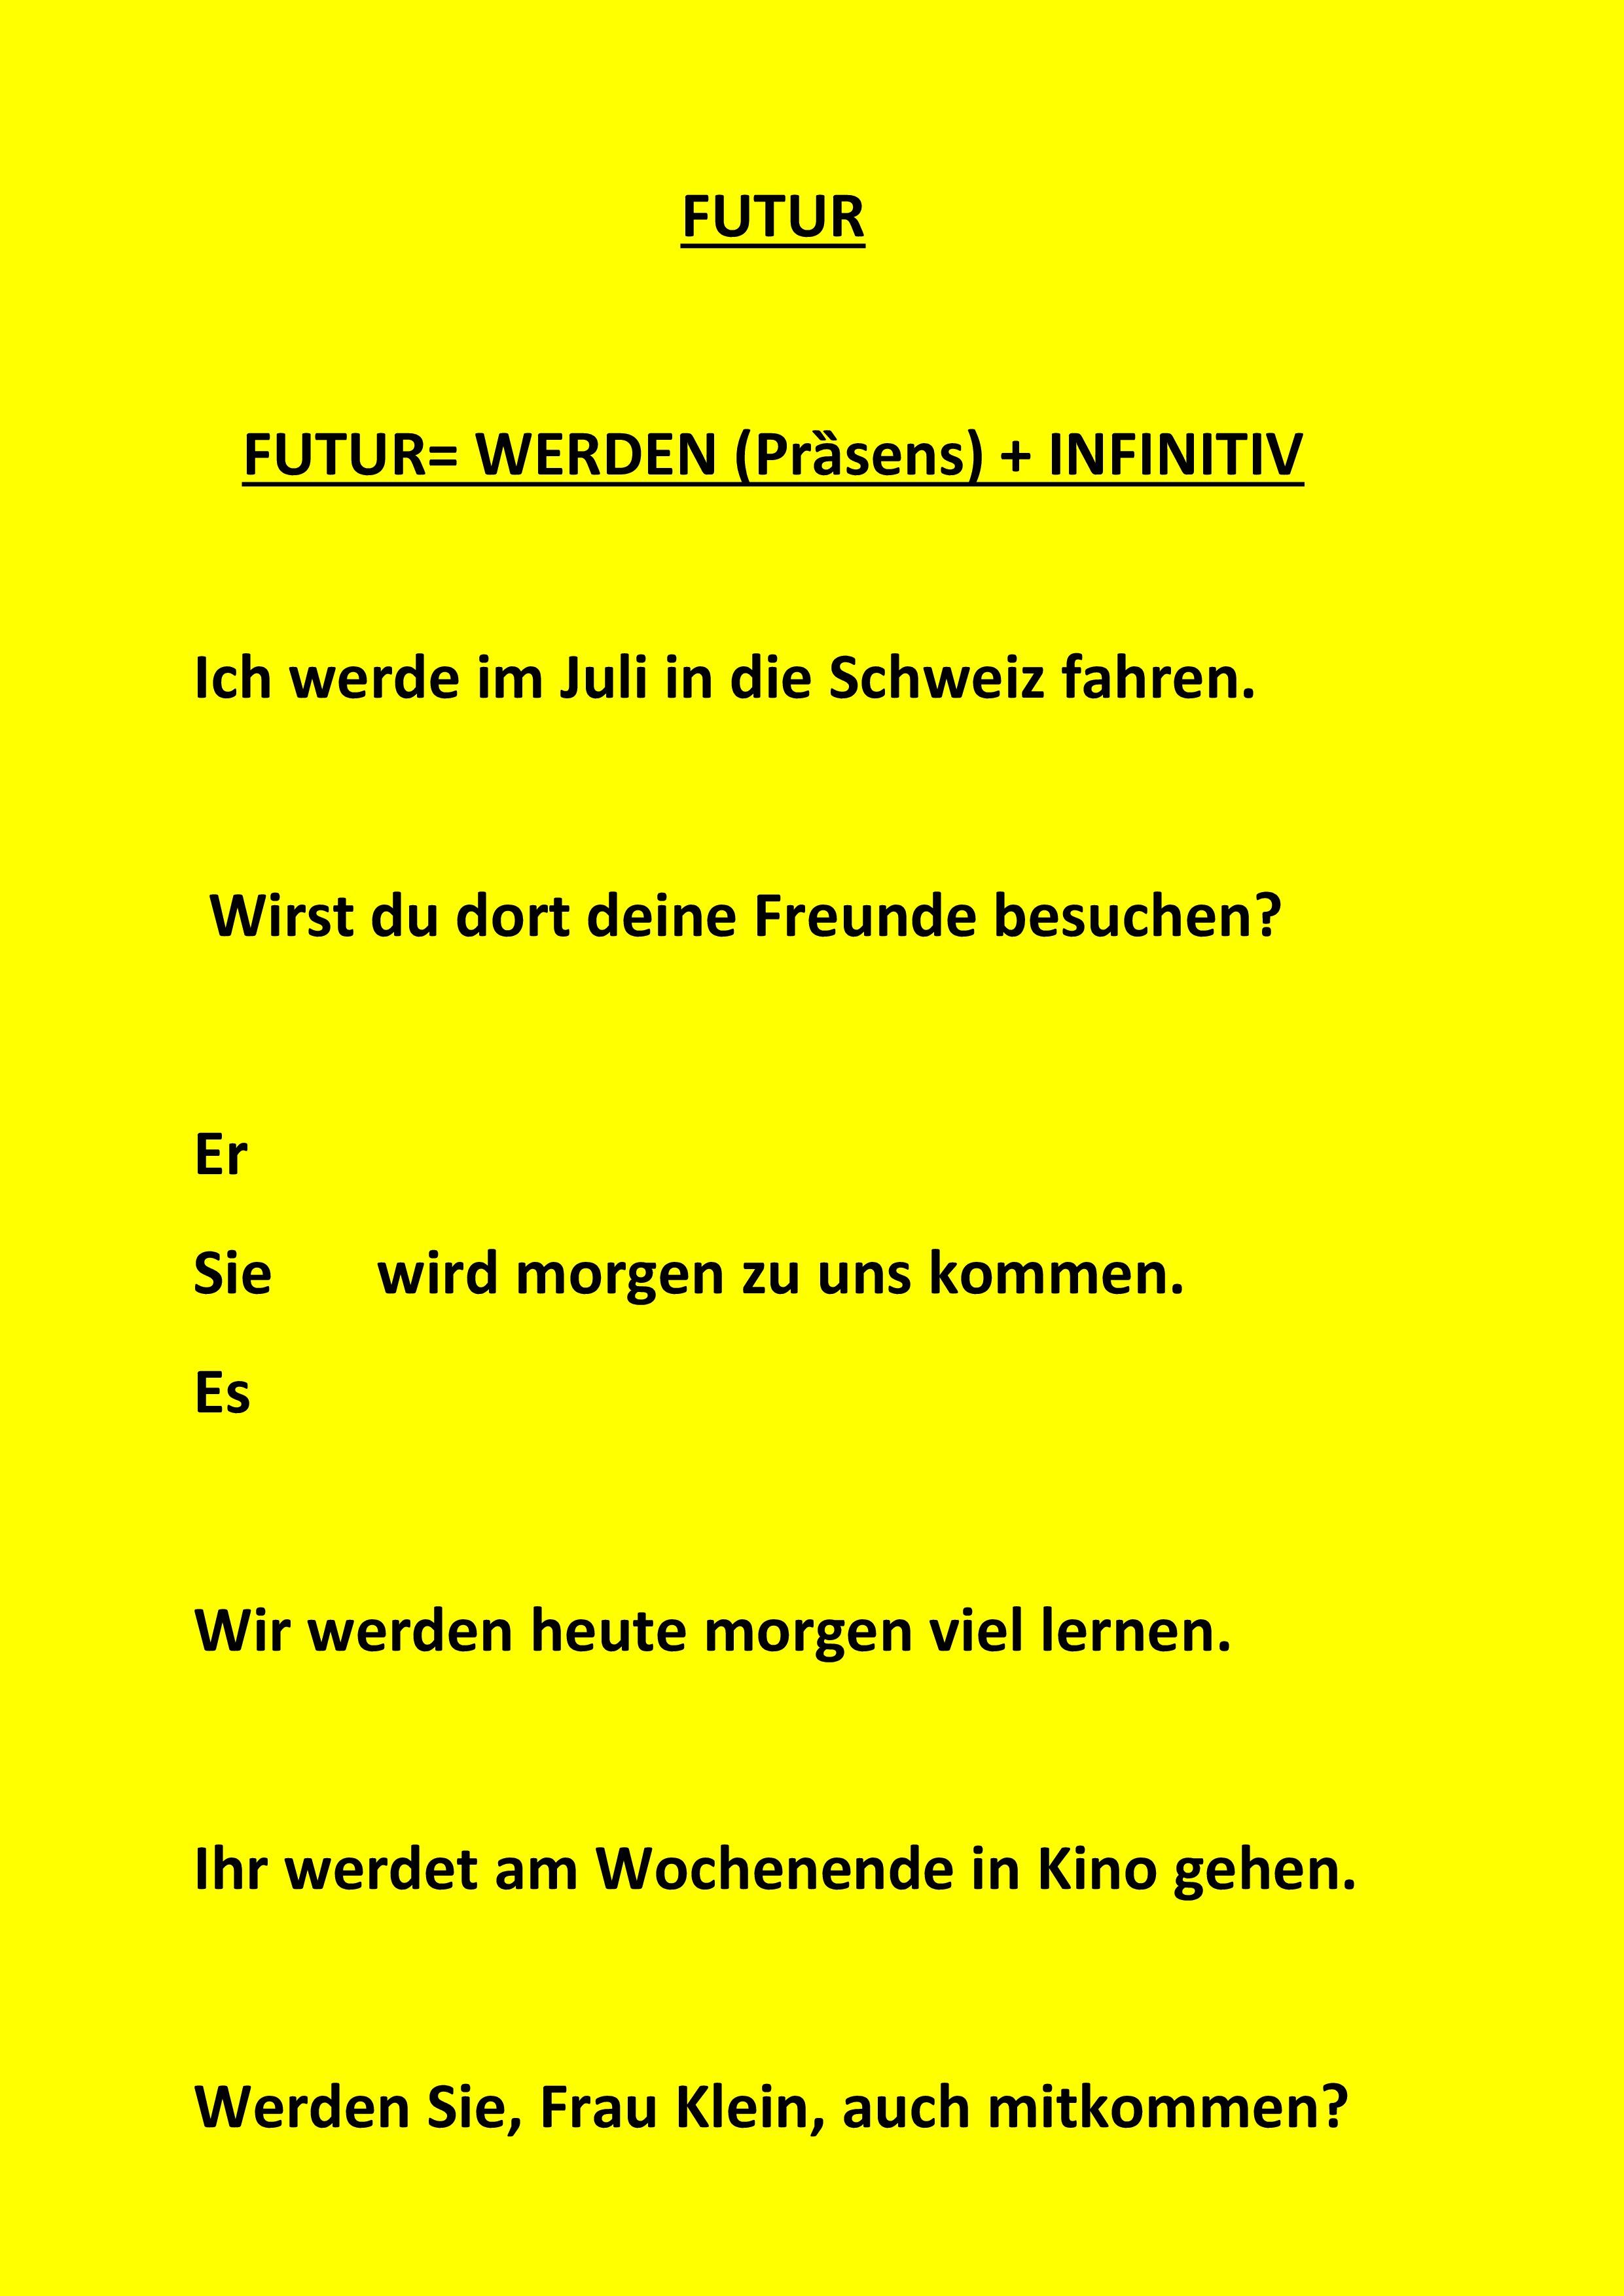 FUTUR - FUTUR